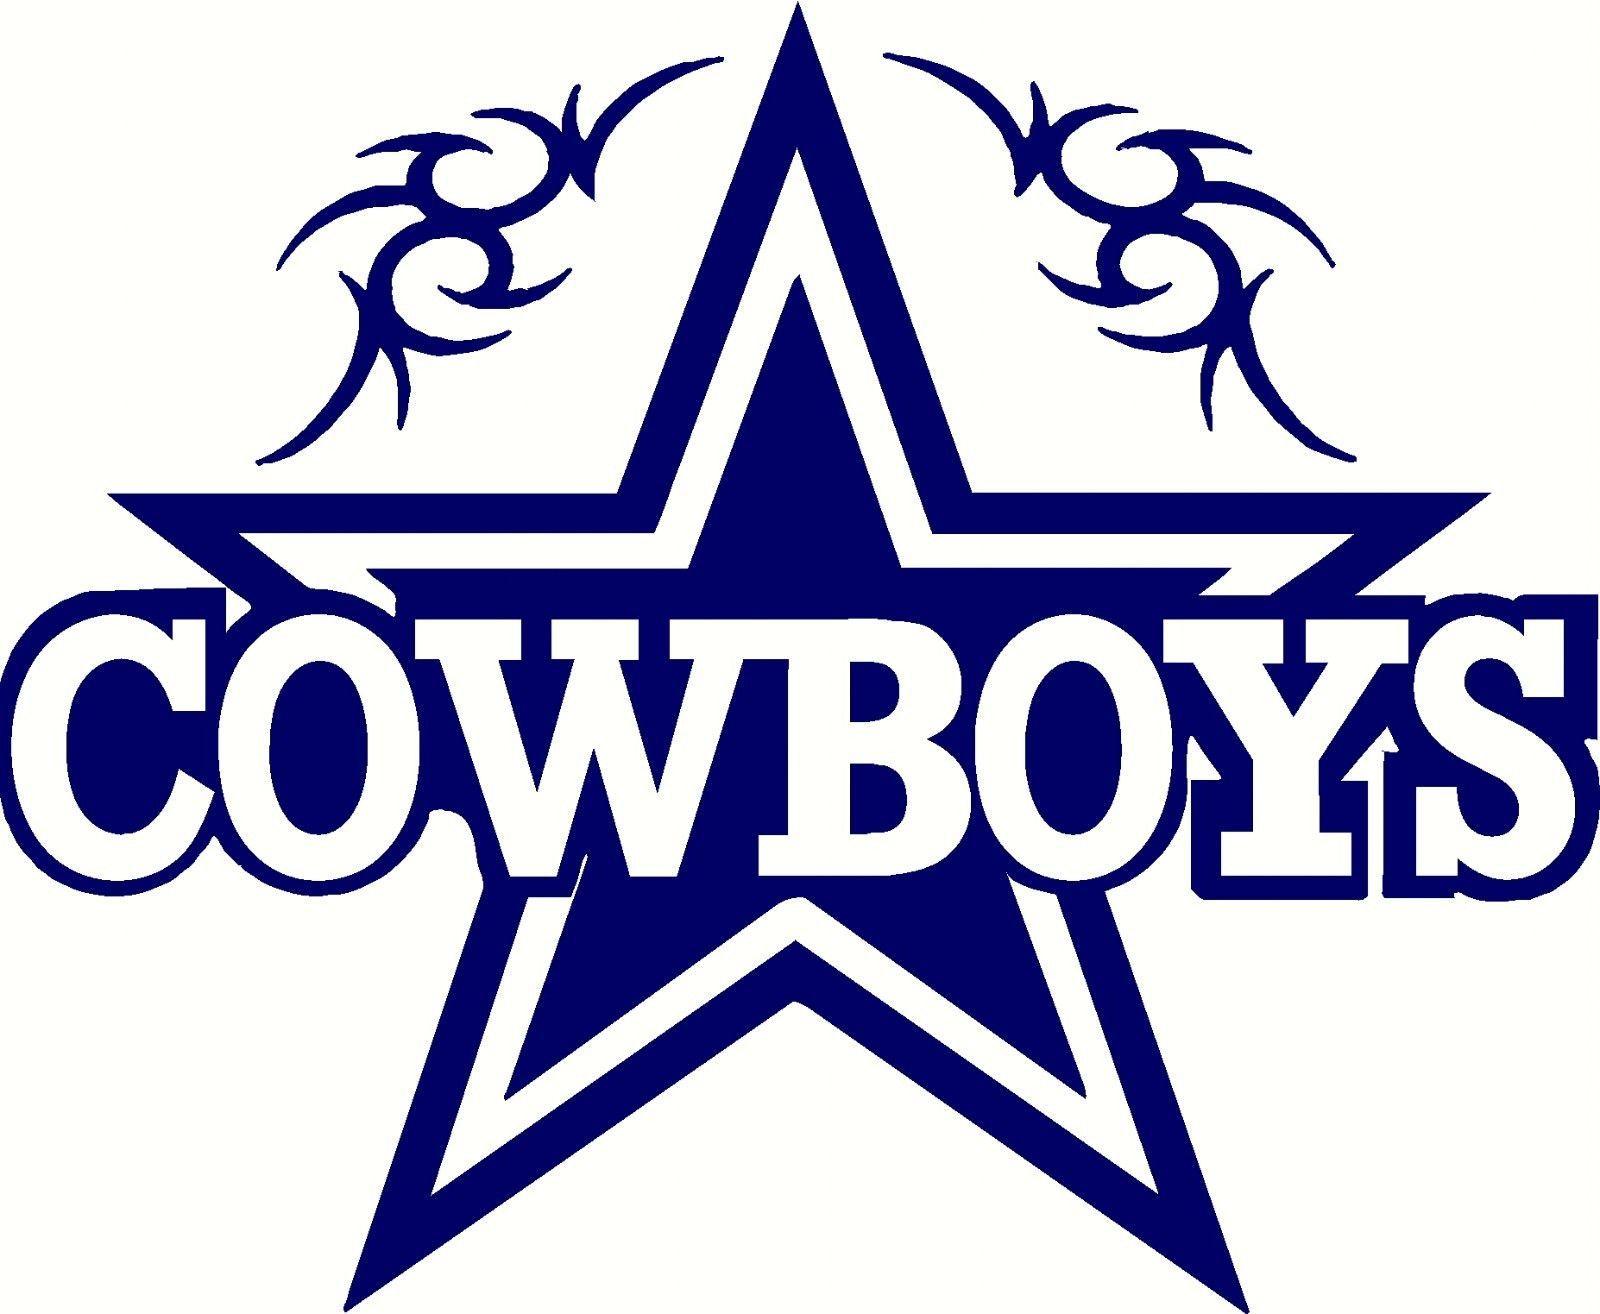 dallas cowboys star logo decal sticker and 18 similar items rh bonanza com dallas cowboys logo clipart dallas cowboys emblem clipart